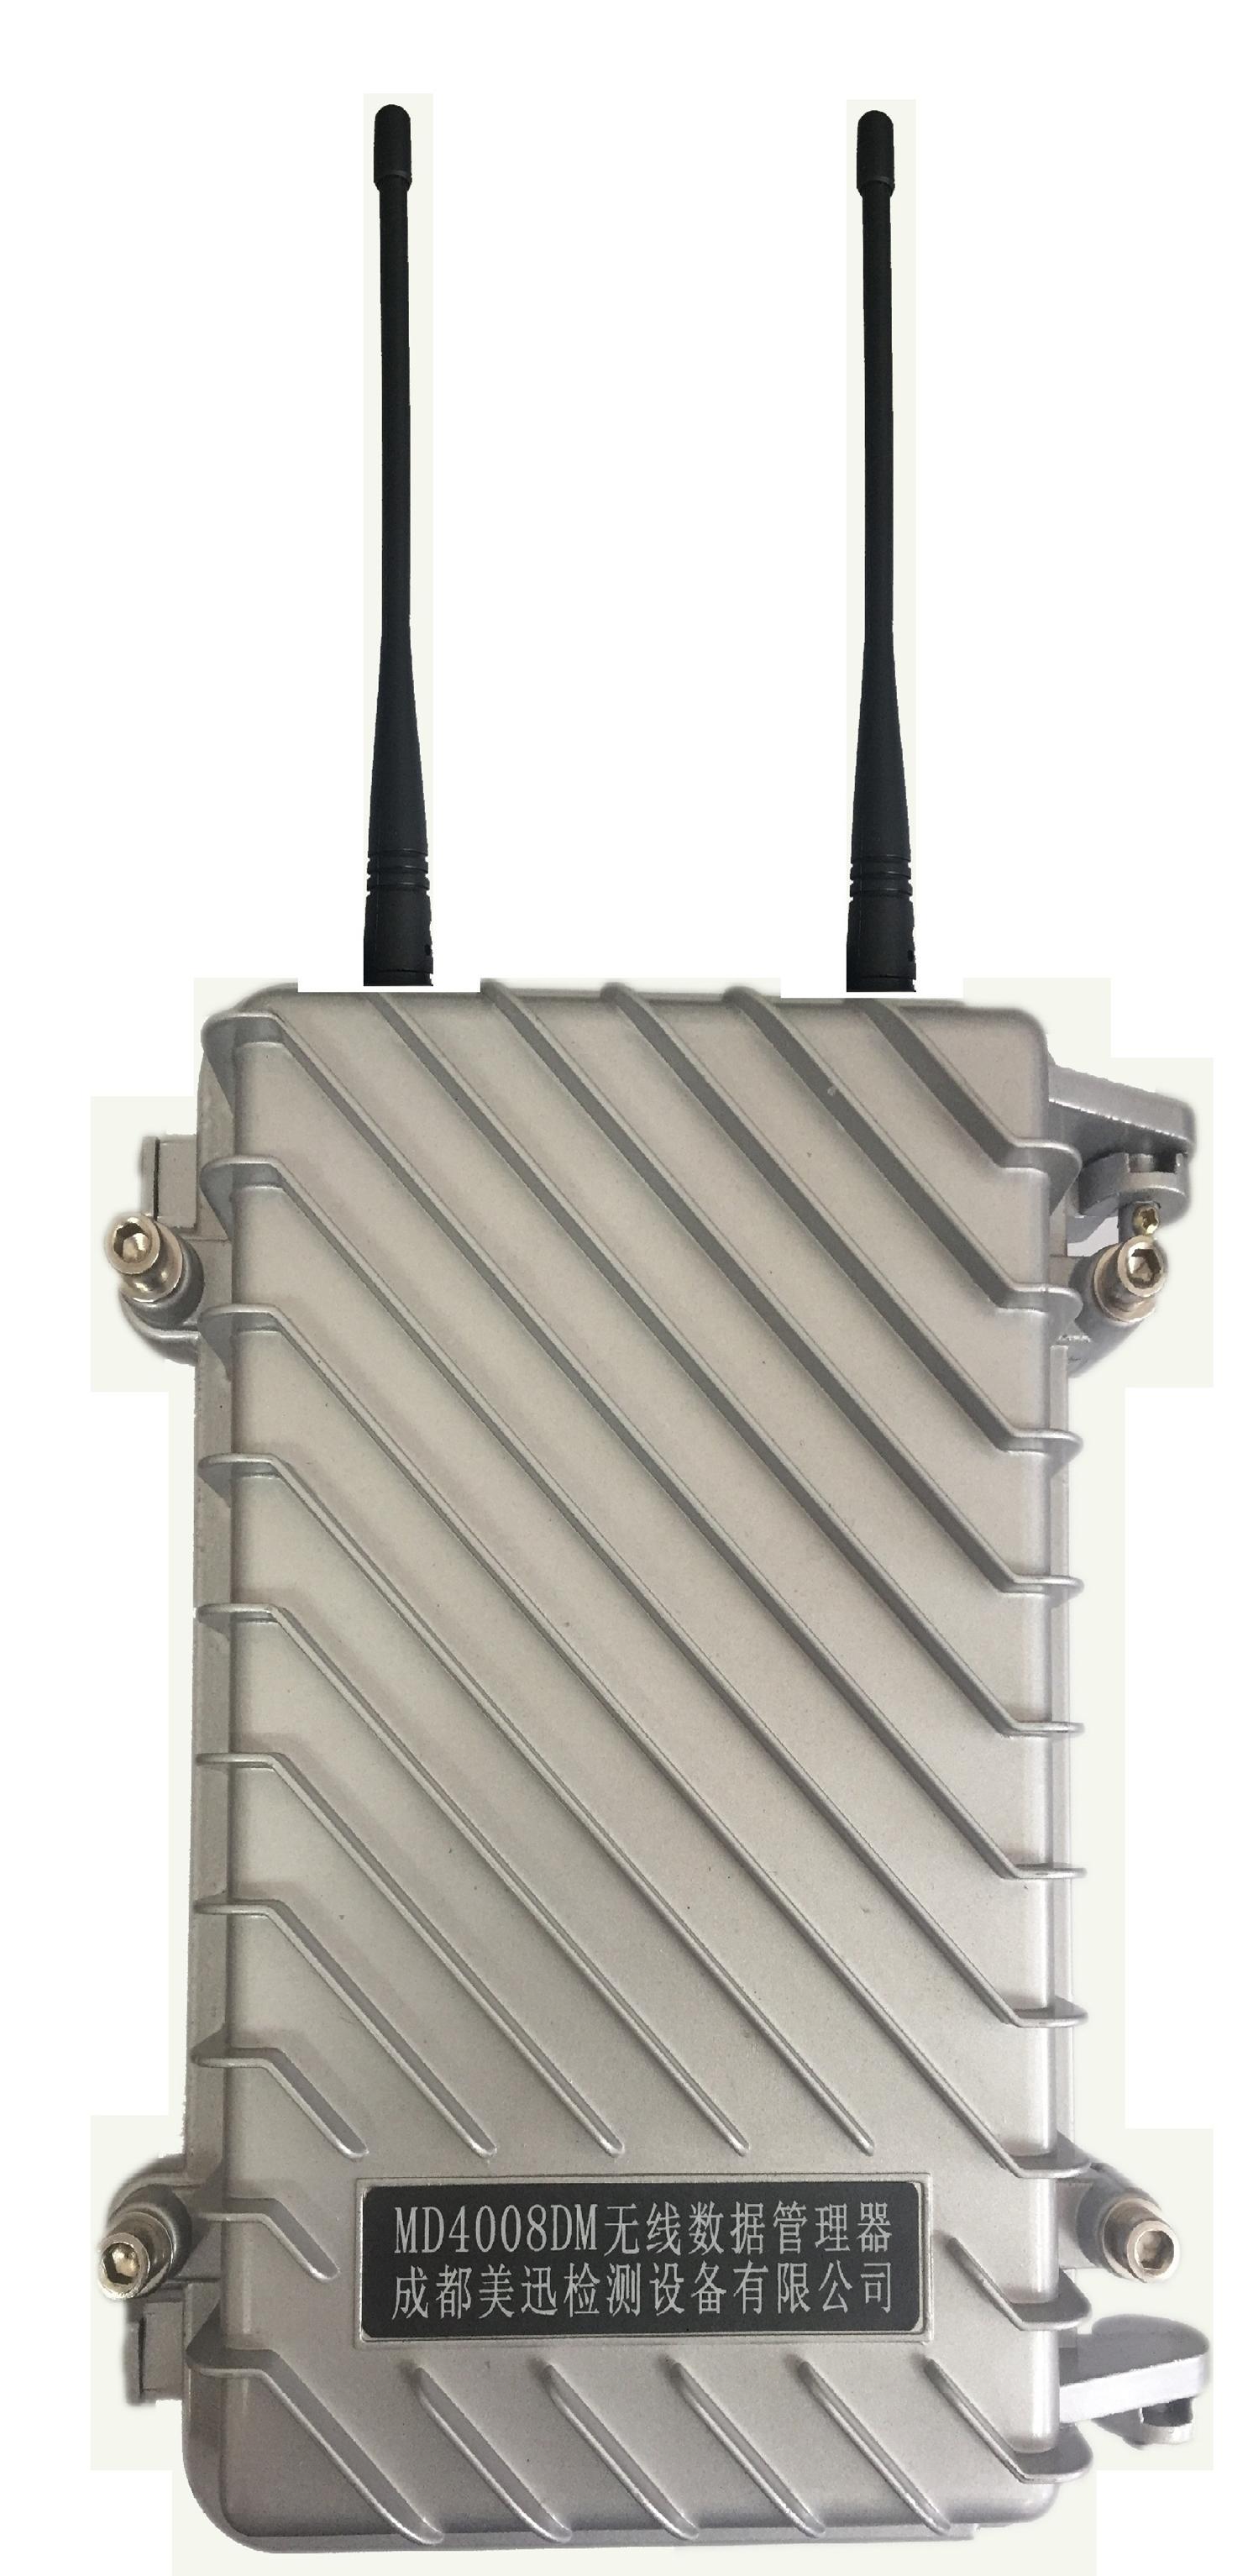 MD4008DM无线数据管理器